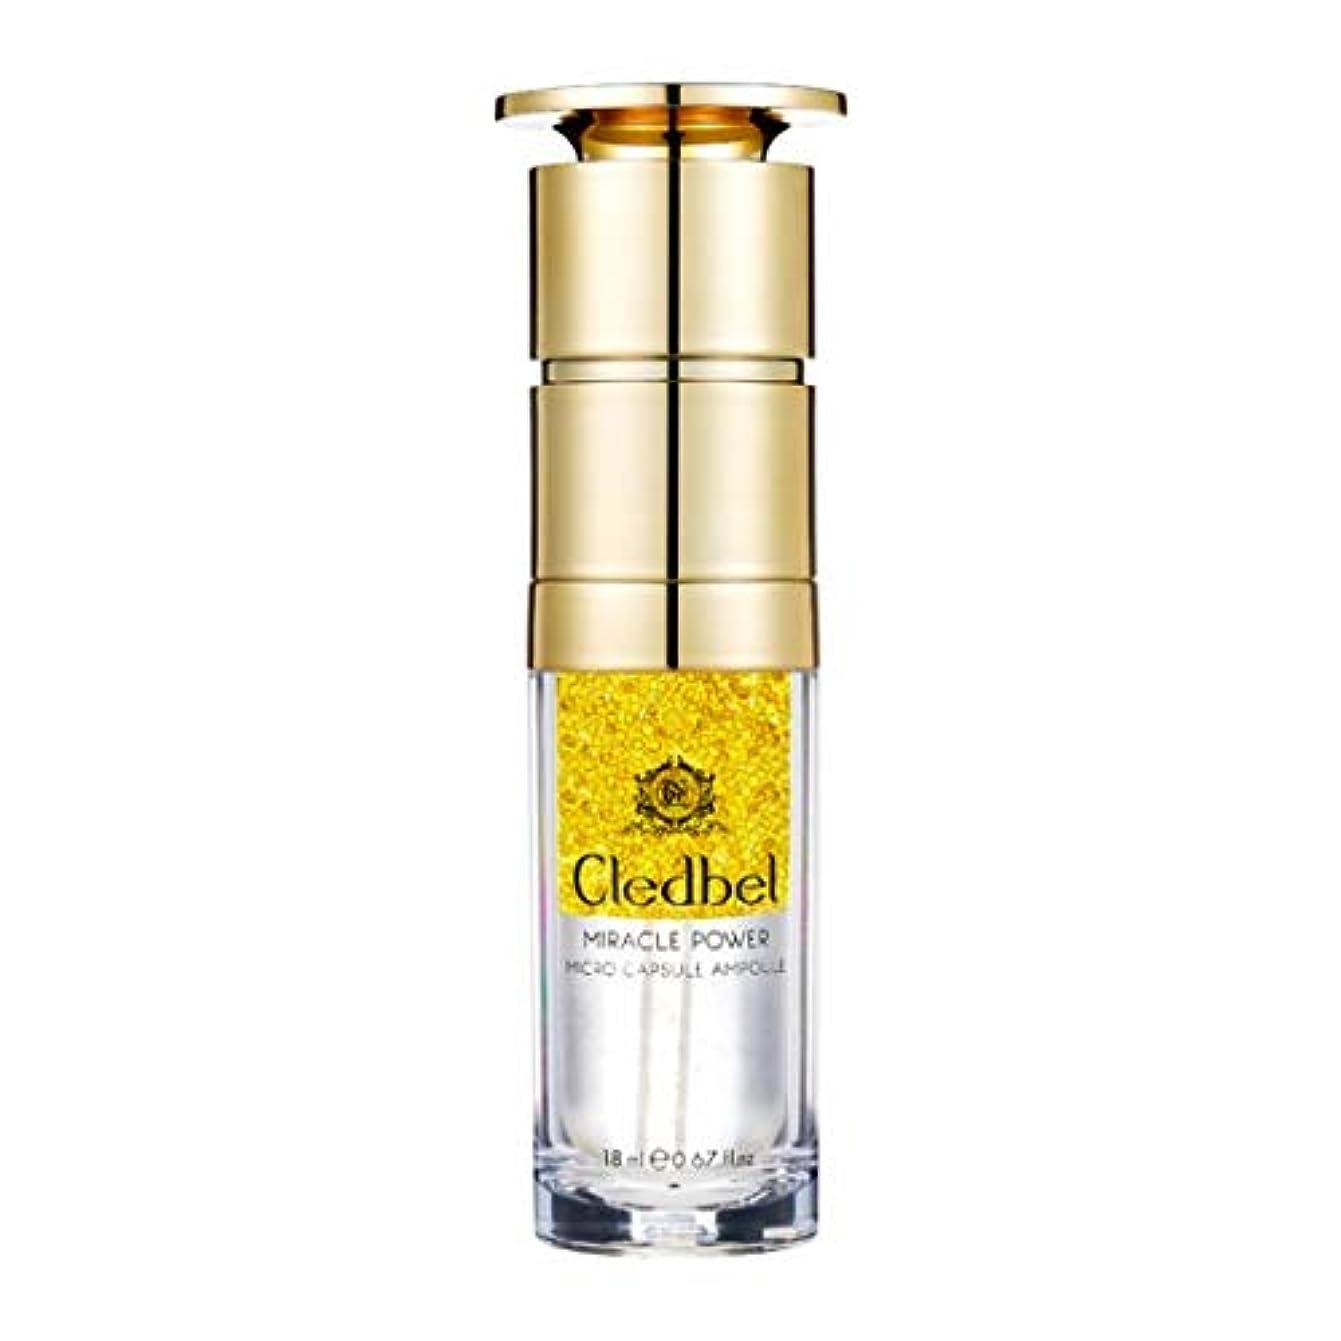 ルーフ風変わりなボルト[cledbel] Miracle Power Micro Capsule Ampoule 18ml / ミラクルパワーマイクロカプセルアンプル 18ml [並行輸入品]